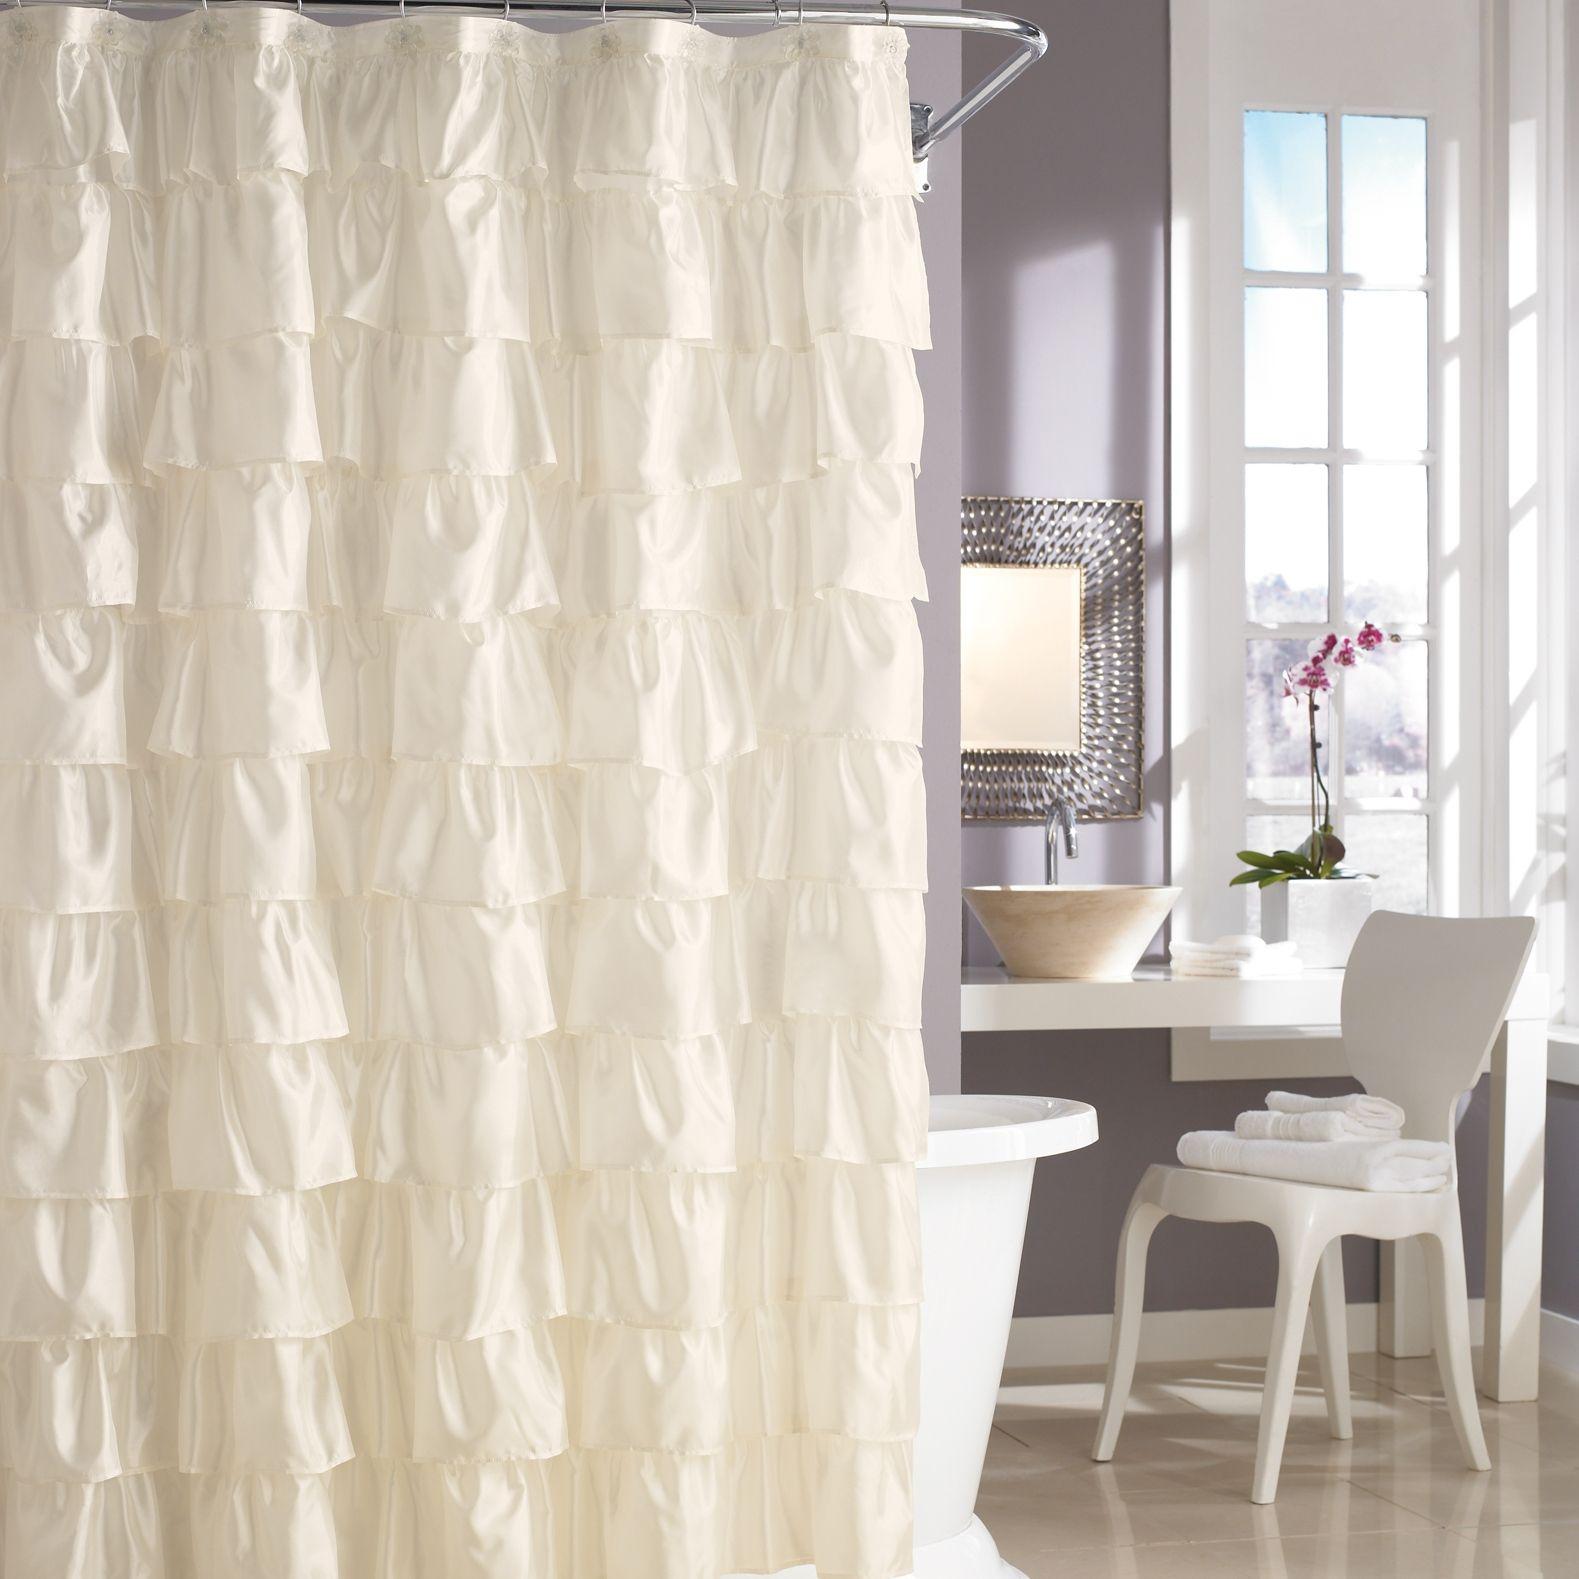 Steve Madden shower curtain?! $29.99